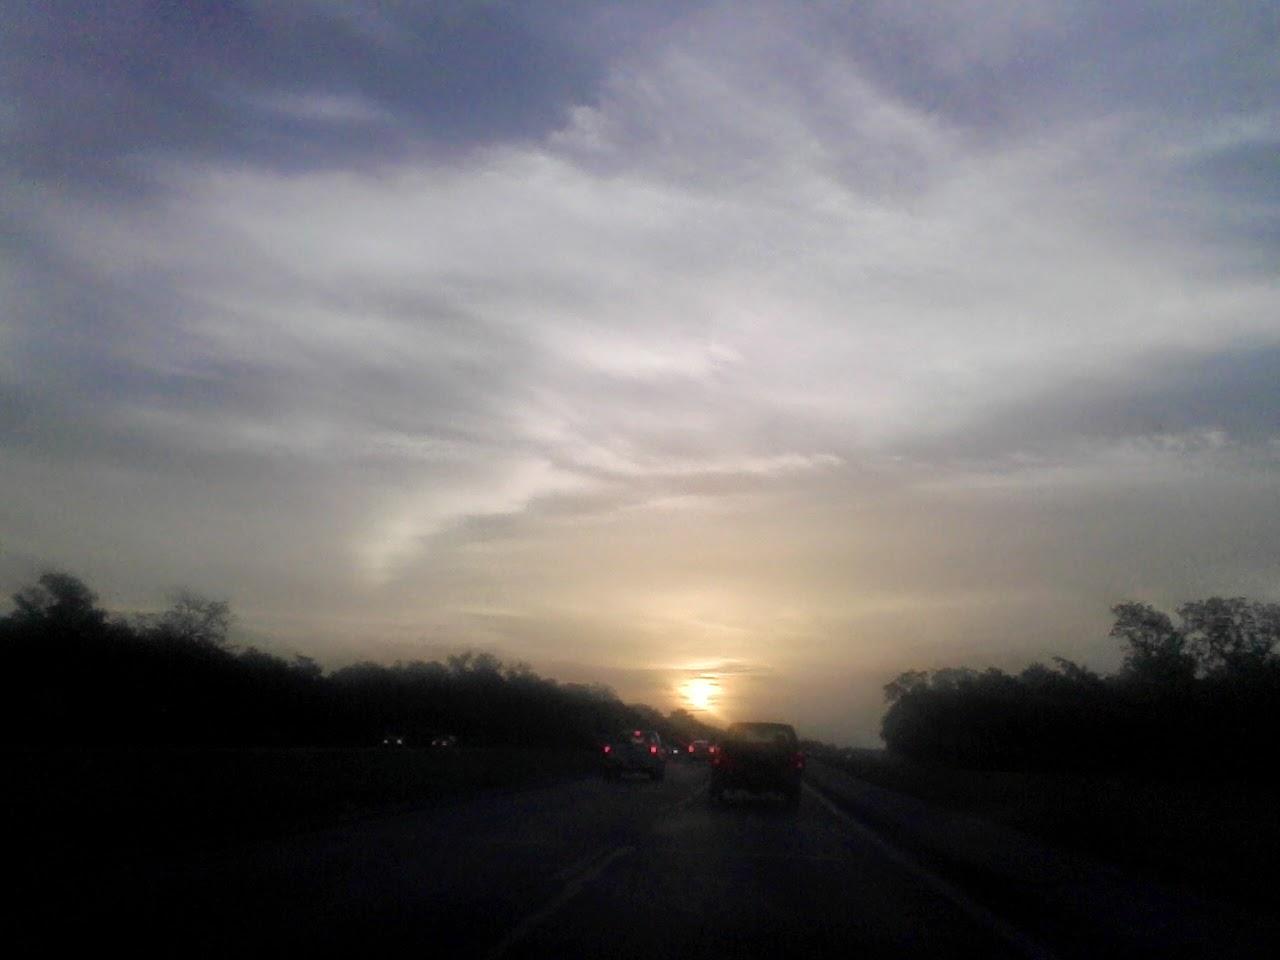 Sky - 0606063720.jpg